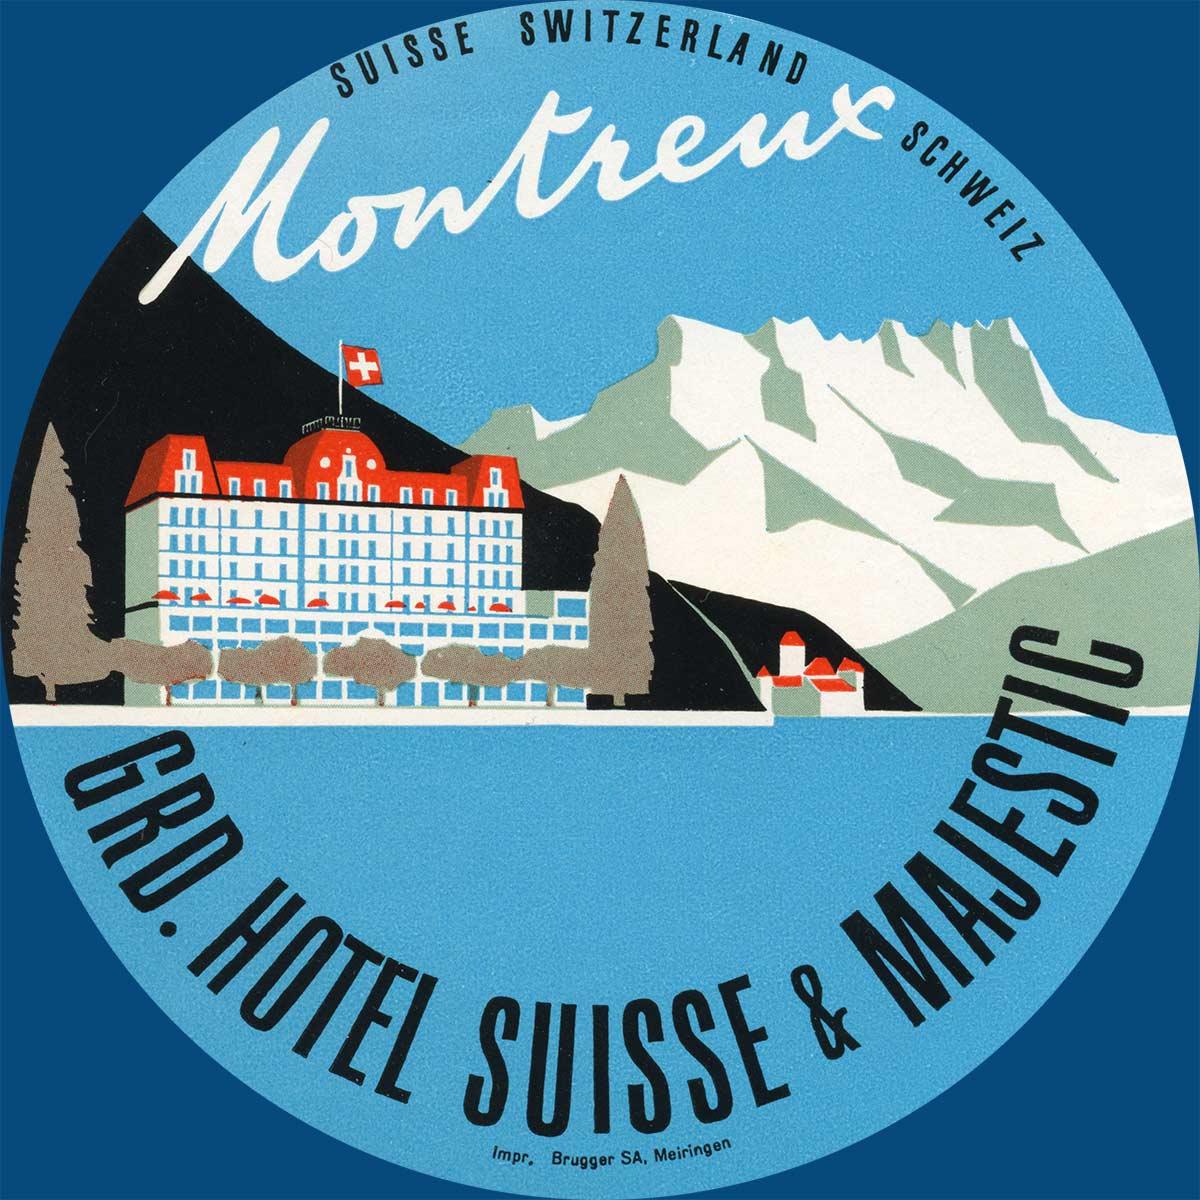 Etiquette de bagage. Grand Hôtel Suisse & Majestic - Montreux